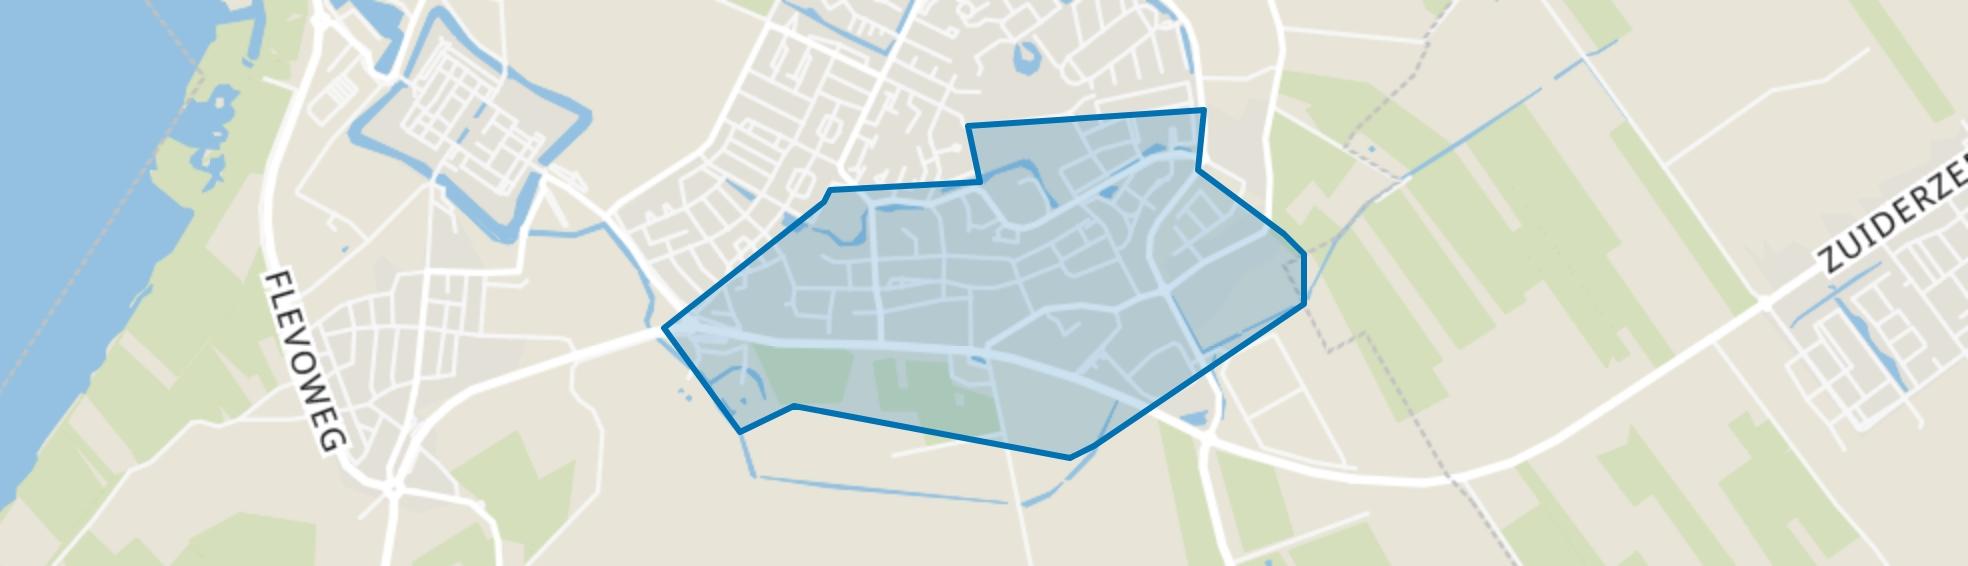 Oostendorp, Elburg map